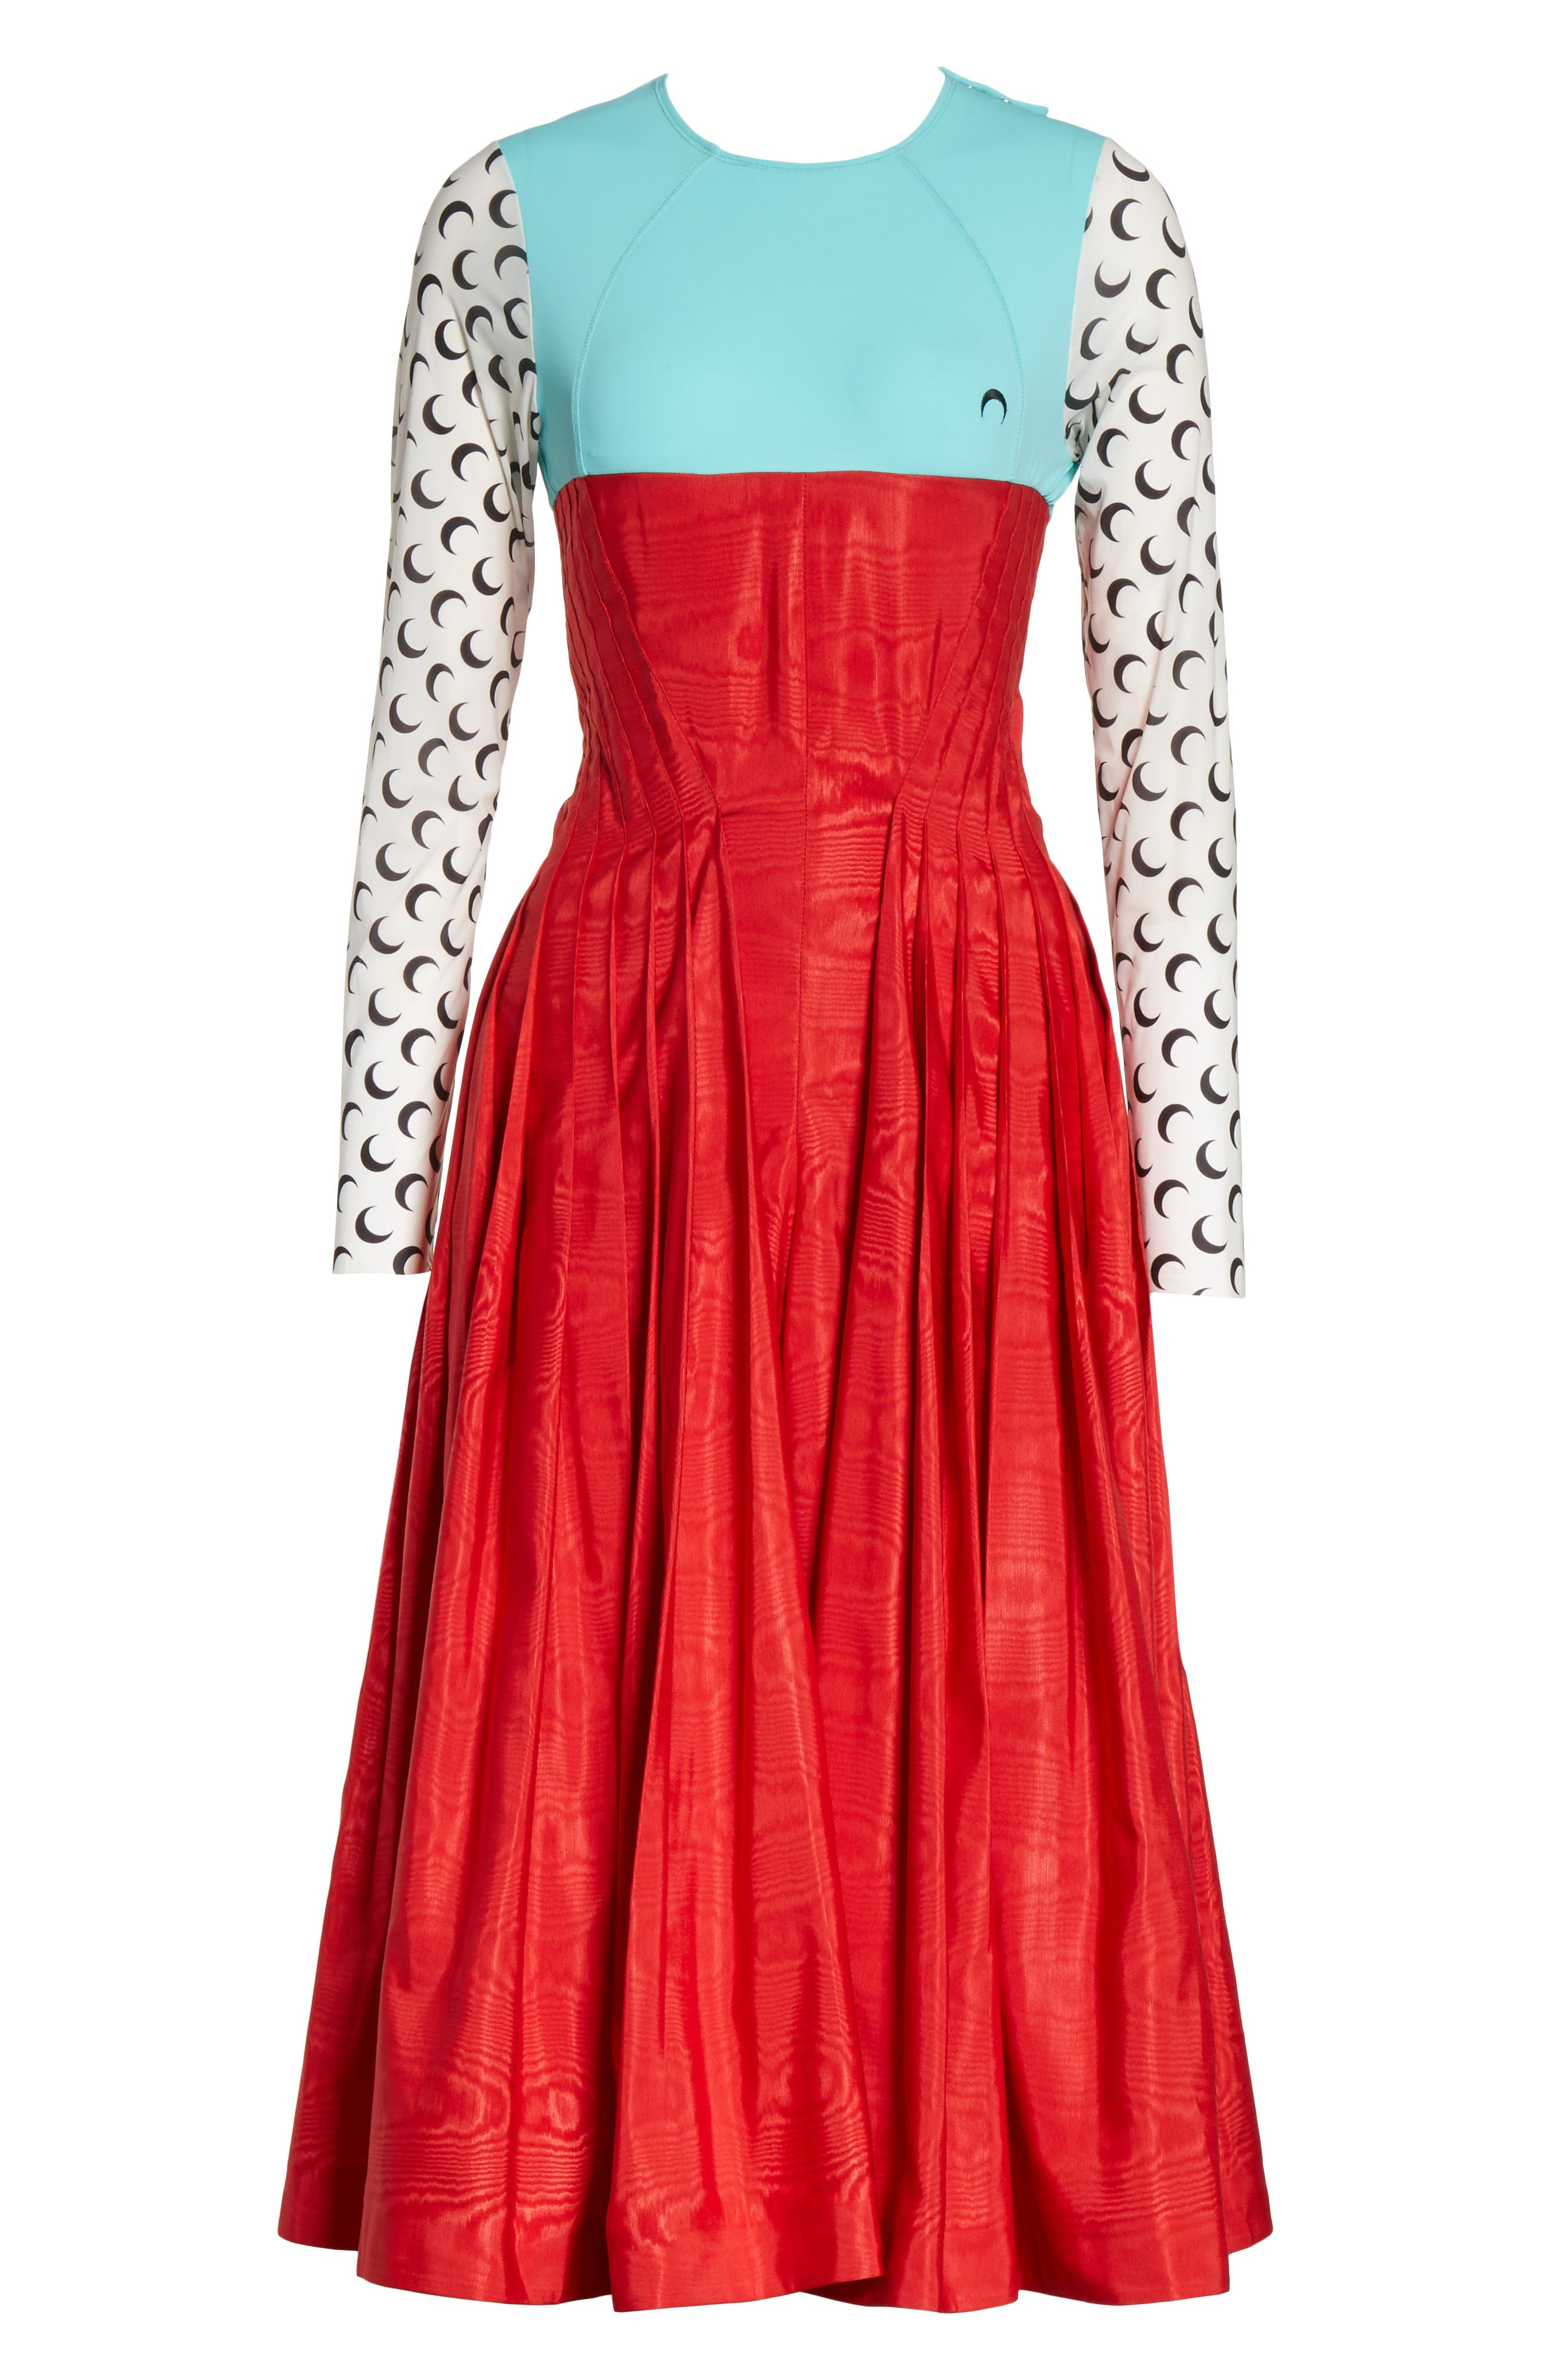 Hybrid Moiré Dress,                             Alternate thumbnail 6, color,                             600